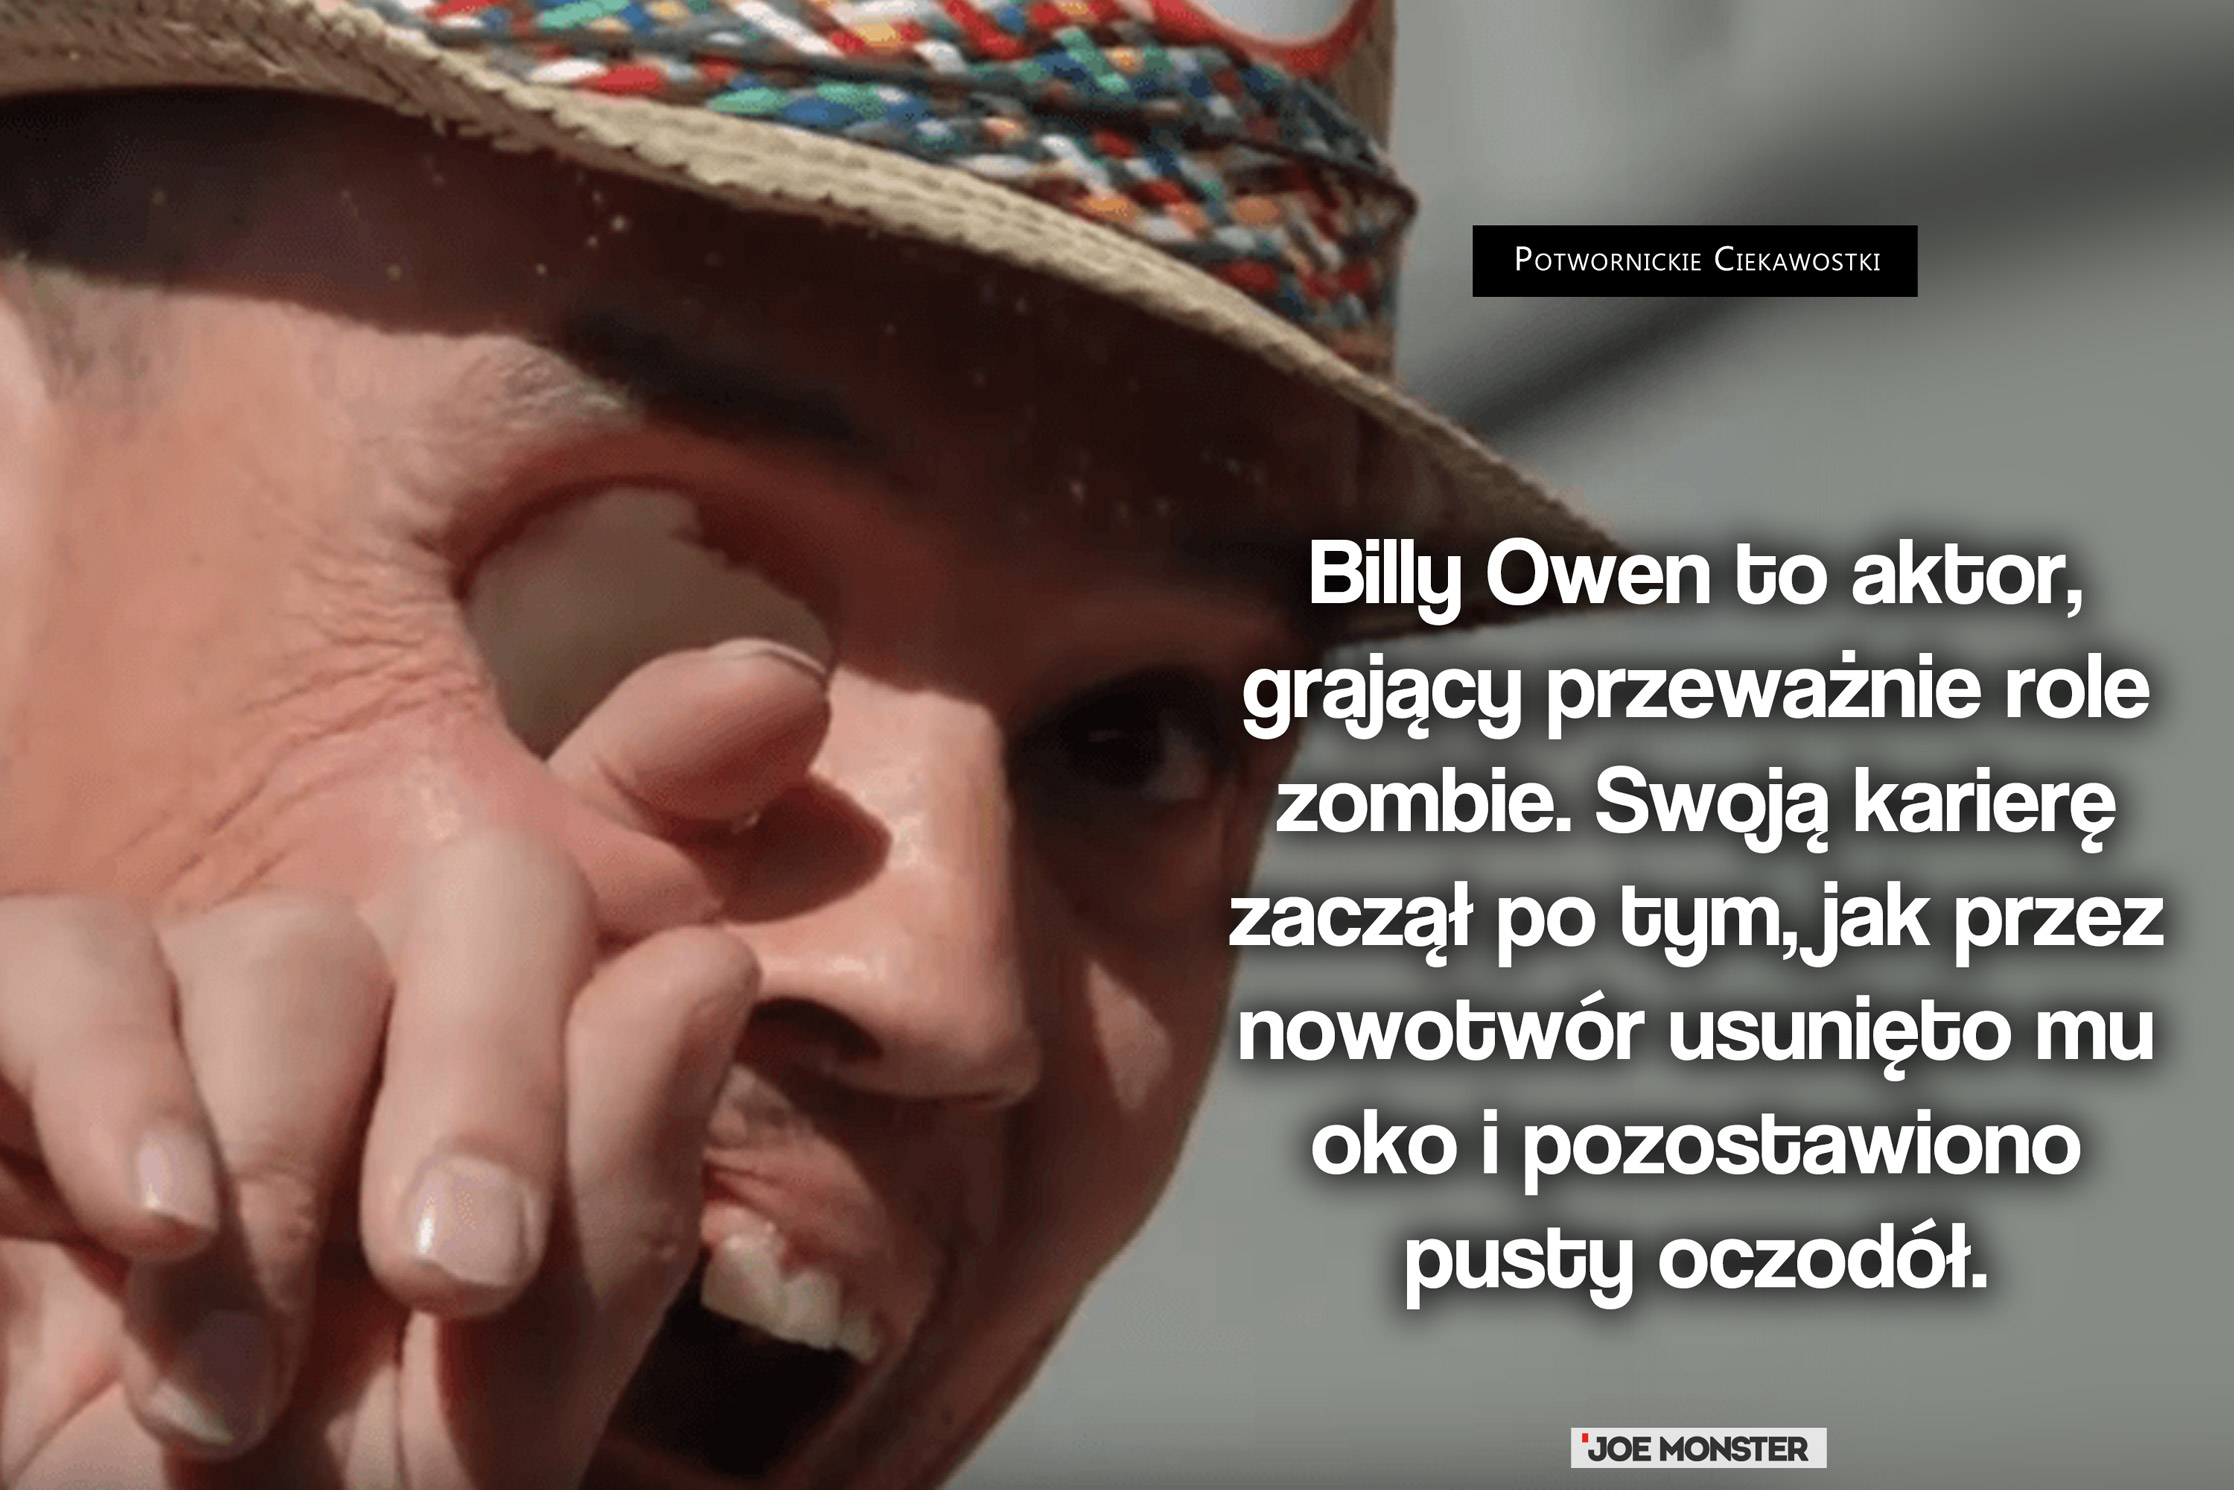 Billy Owen to aktor, grający przeważnie role zombie. Swoją karierę zaczął po tym, jak przez nowotwór usunięto mu oko i pozostawiono pusty oczodół.